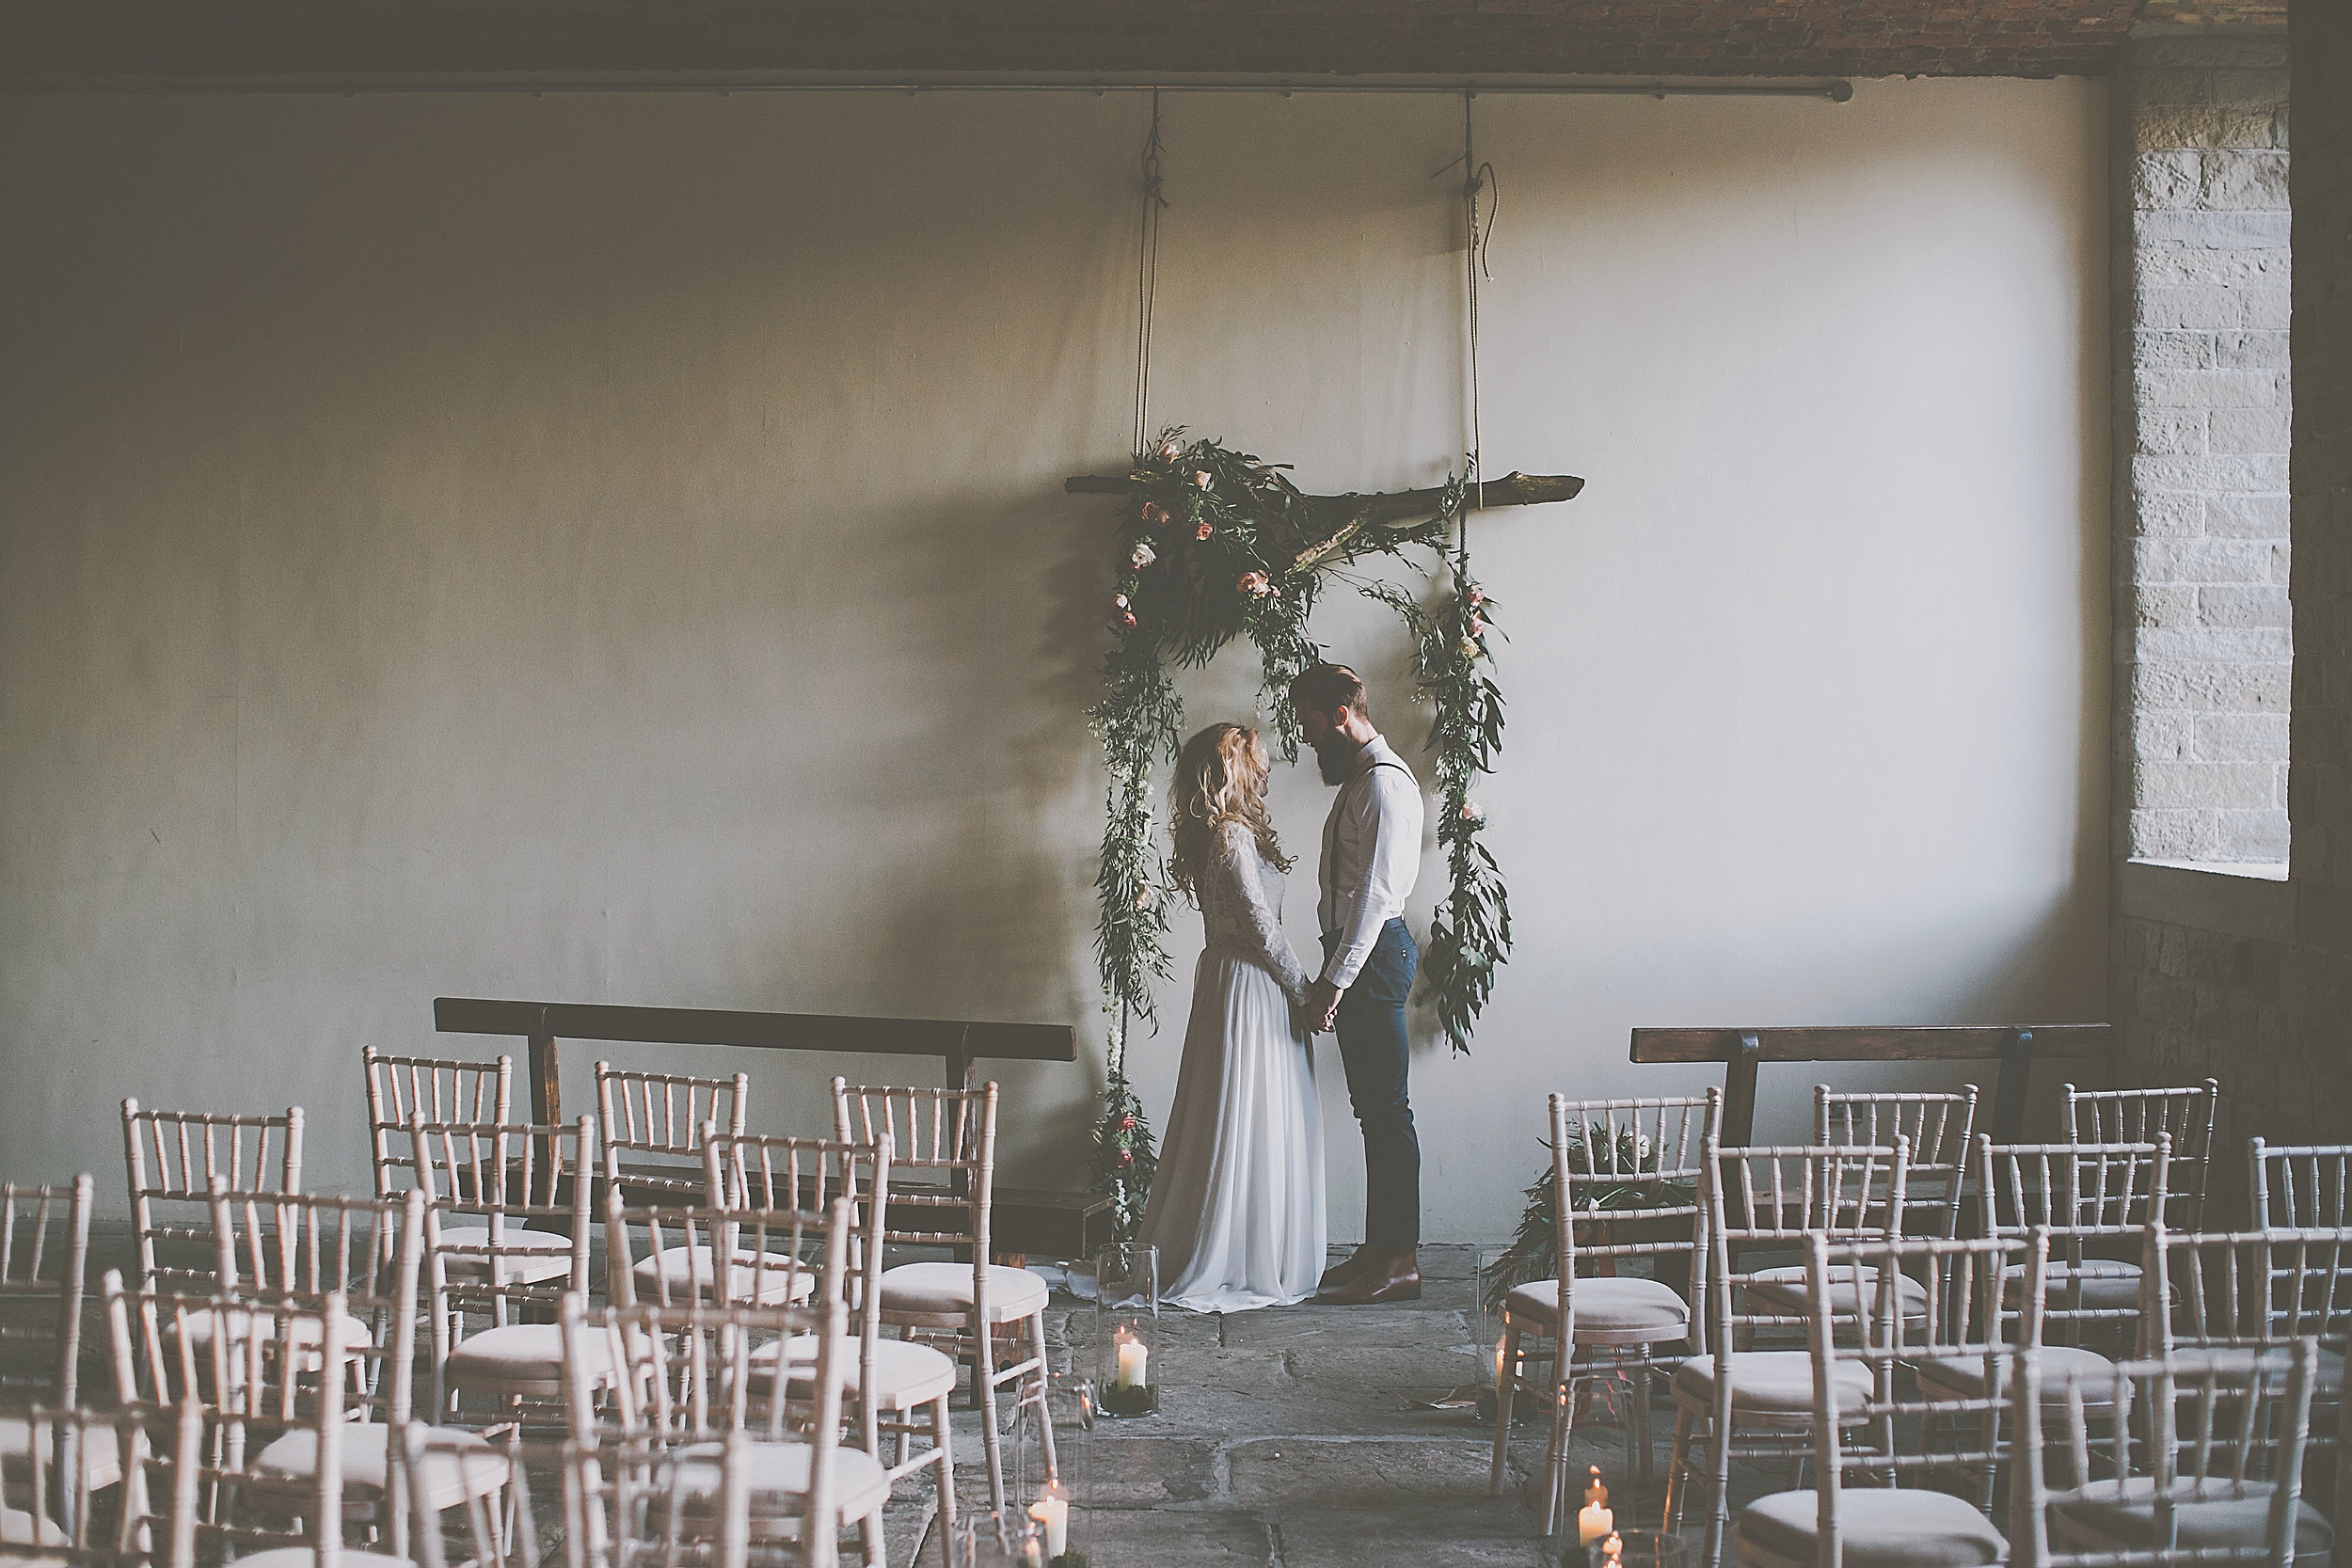 Industrial wedding venue - ceremony